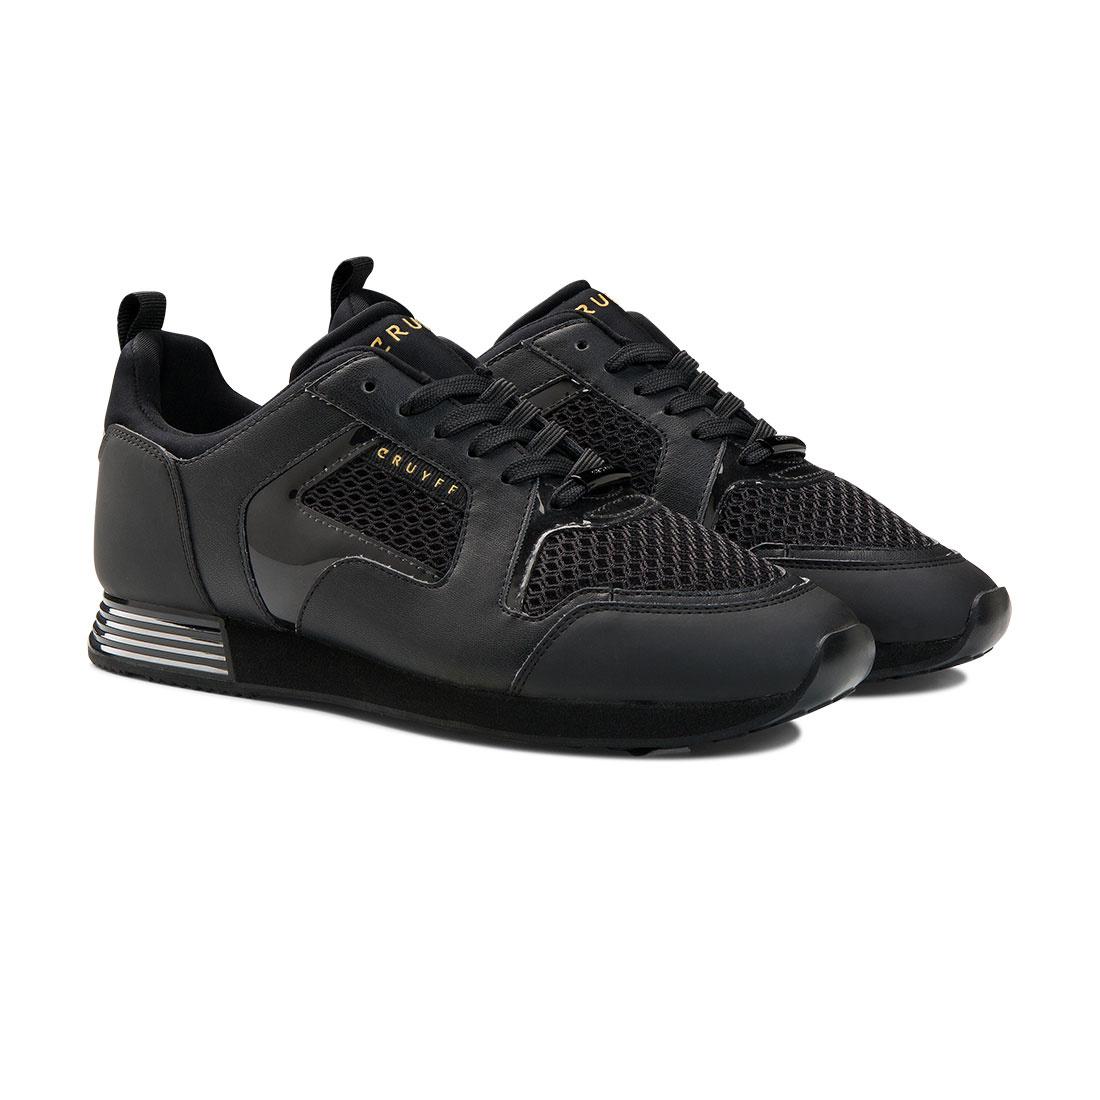 Cruyff / Lusso Black-5